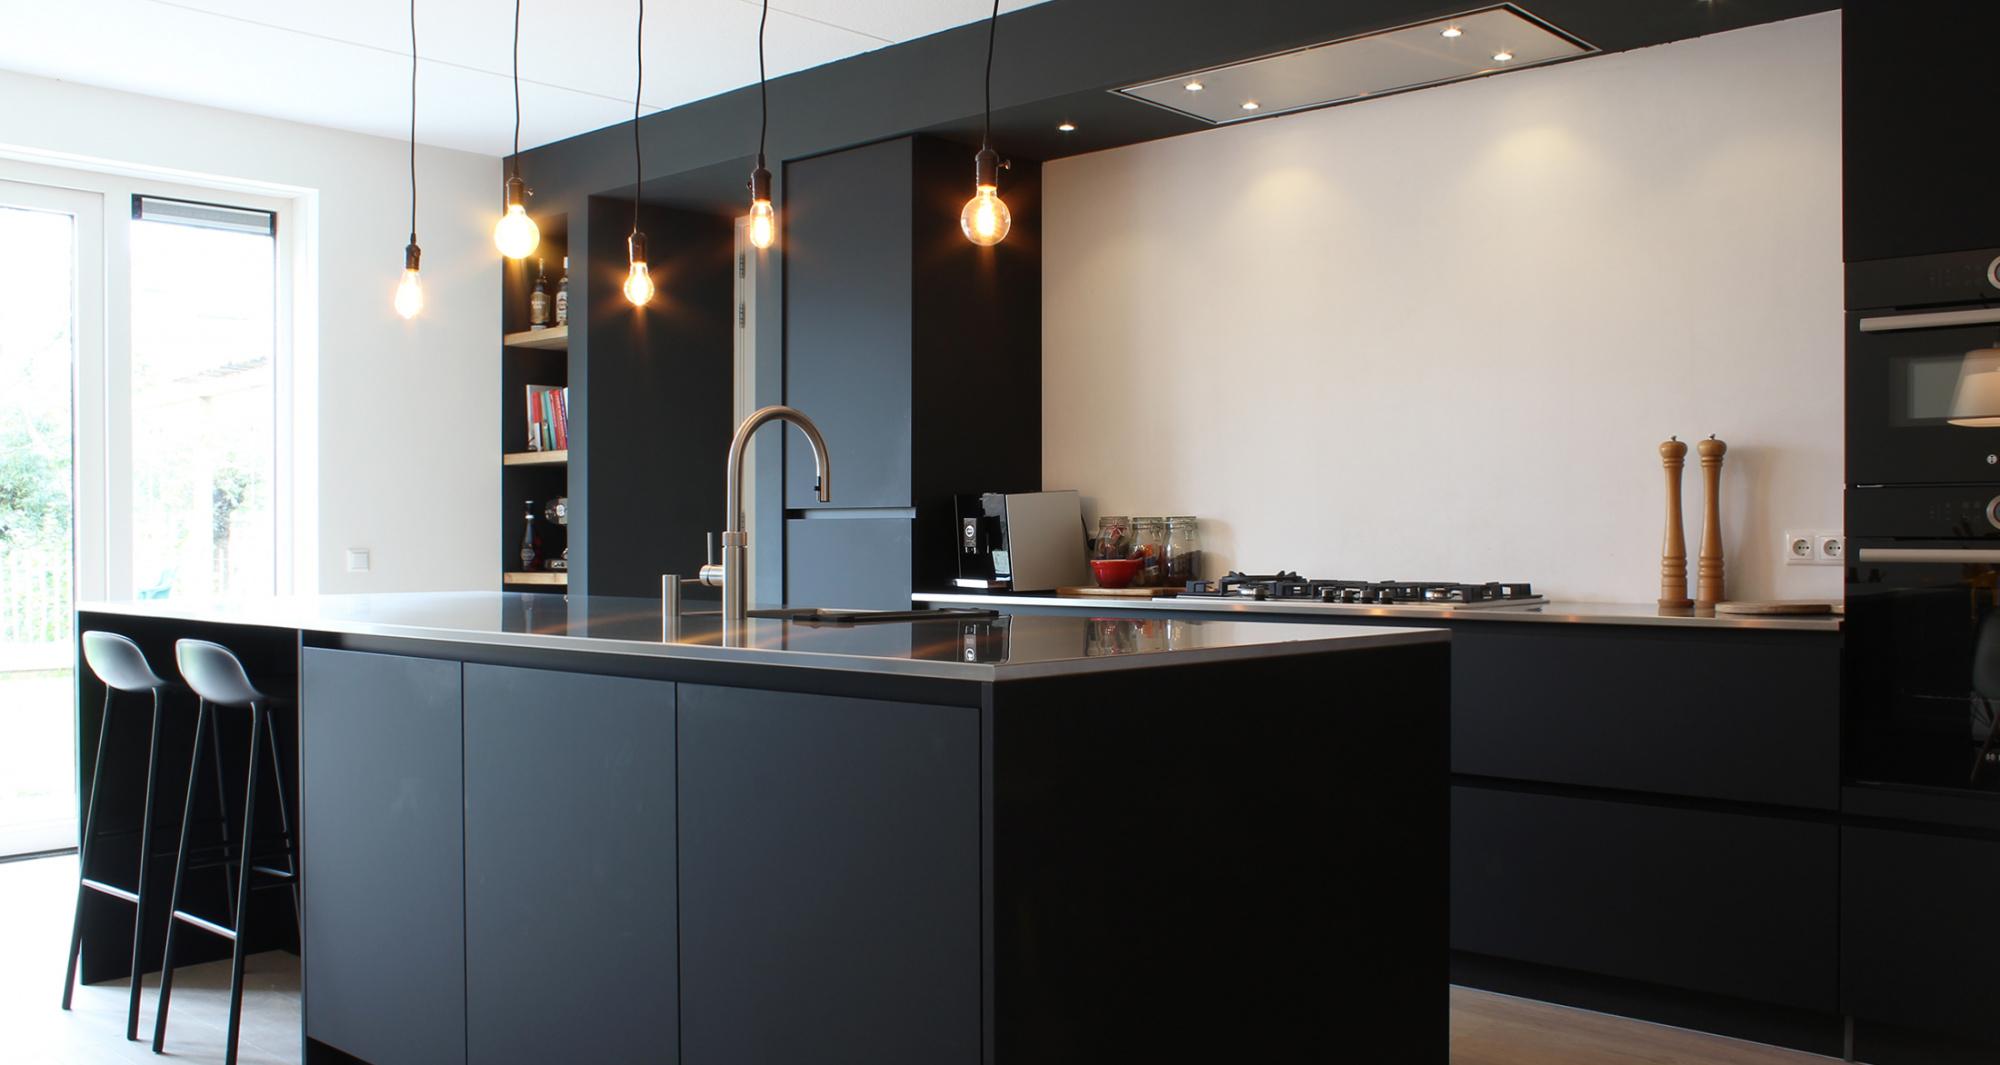 Strakke Zwarte Keuken : Mat zwarte keuken fam de bruijn inhuis keukens